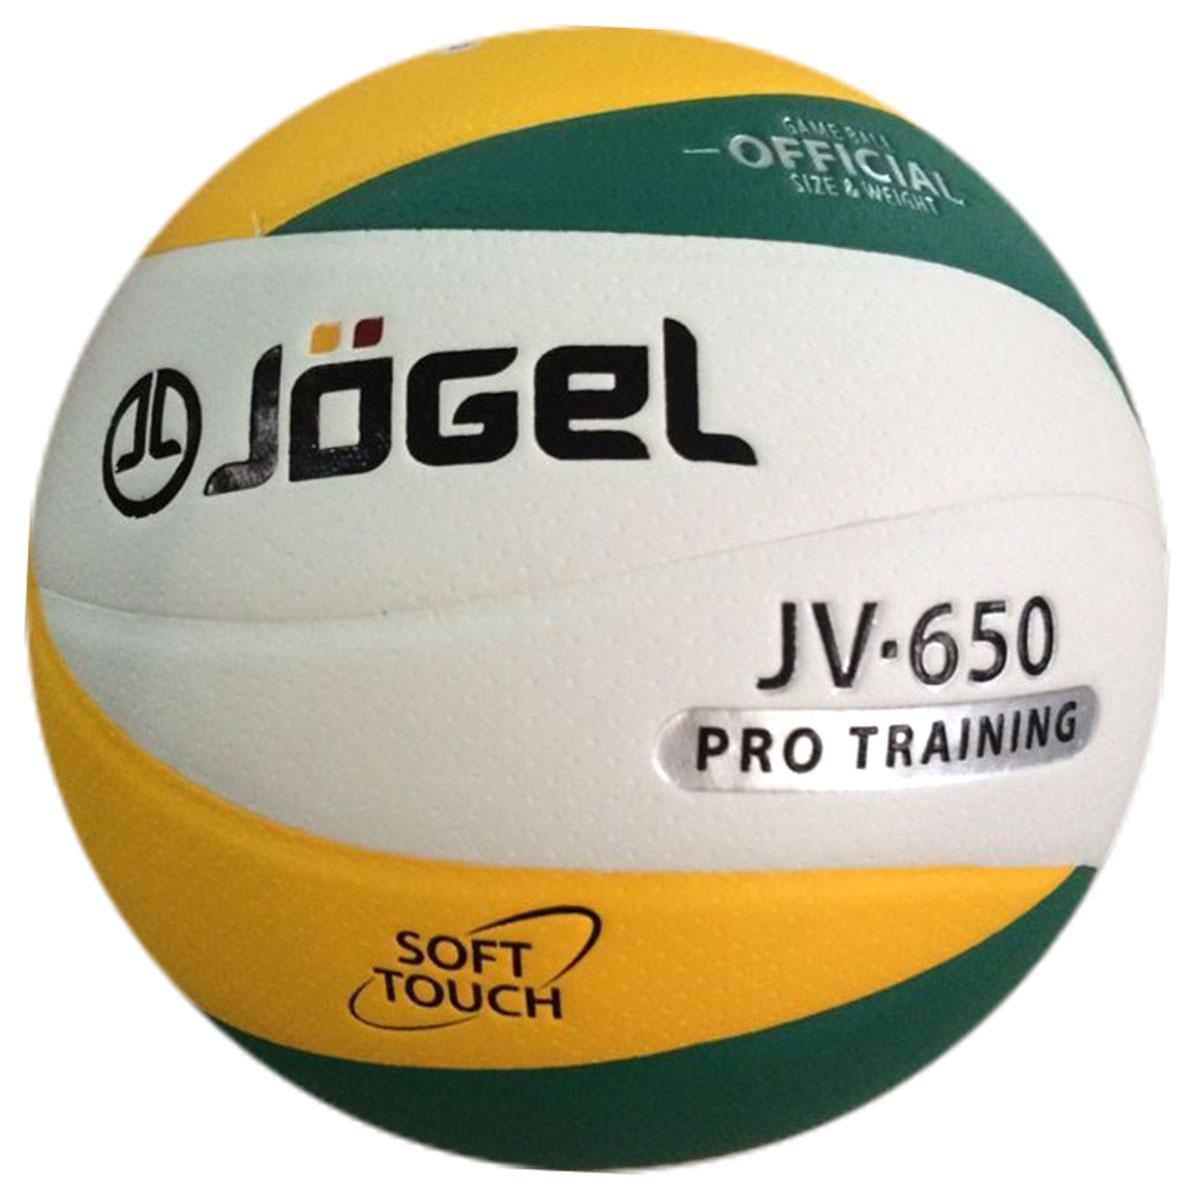 Мяч волейбольный Jogel, цвет: зеленый, желтый. Размер 5. JV-650120330_white/redКлееный волейбольный мяч Jogel предназначен для профессиональных тренировок. Покрышка мяча выполнена из мягкой высококачественнойсинтетической кожи (полиуретан). Его поверхность обработана по технологии Dimple - микроуглубления на поверхности мяча, обеспечивающиеболее лучший контроль, т.е. мяч меньше скользит. Мяч состоит из 12 панелей и бутиловой камеры, также армирован подкладочным слоем, выполненным из ткани. Волейбольный мяч Jogel JV-650 рекомендован для тренировок команд среднего и высокого уровня, а также соревнований любительских и среднихкоманд.Вес: 260-280 гр.Длина окружности: 65-67 см. Рекомендованное давление: 0.29-0.32 бар.УВАЖАЕМЫЕ КЛИЕНТЫ! Обращаем ваше внимание на тот факт, что мяч поставляется в сдутом виде. Насос в комплект не входит.